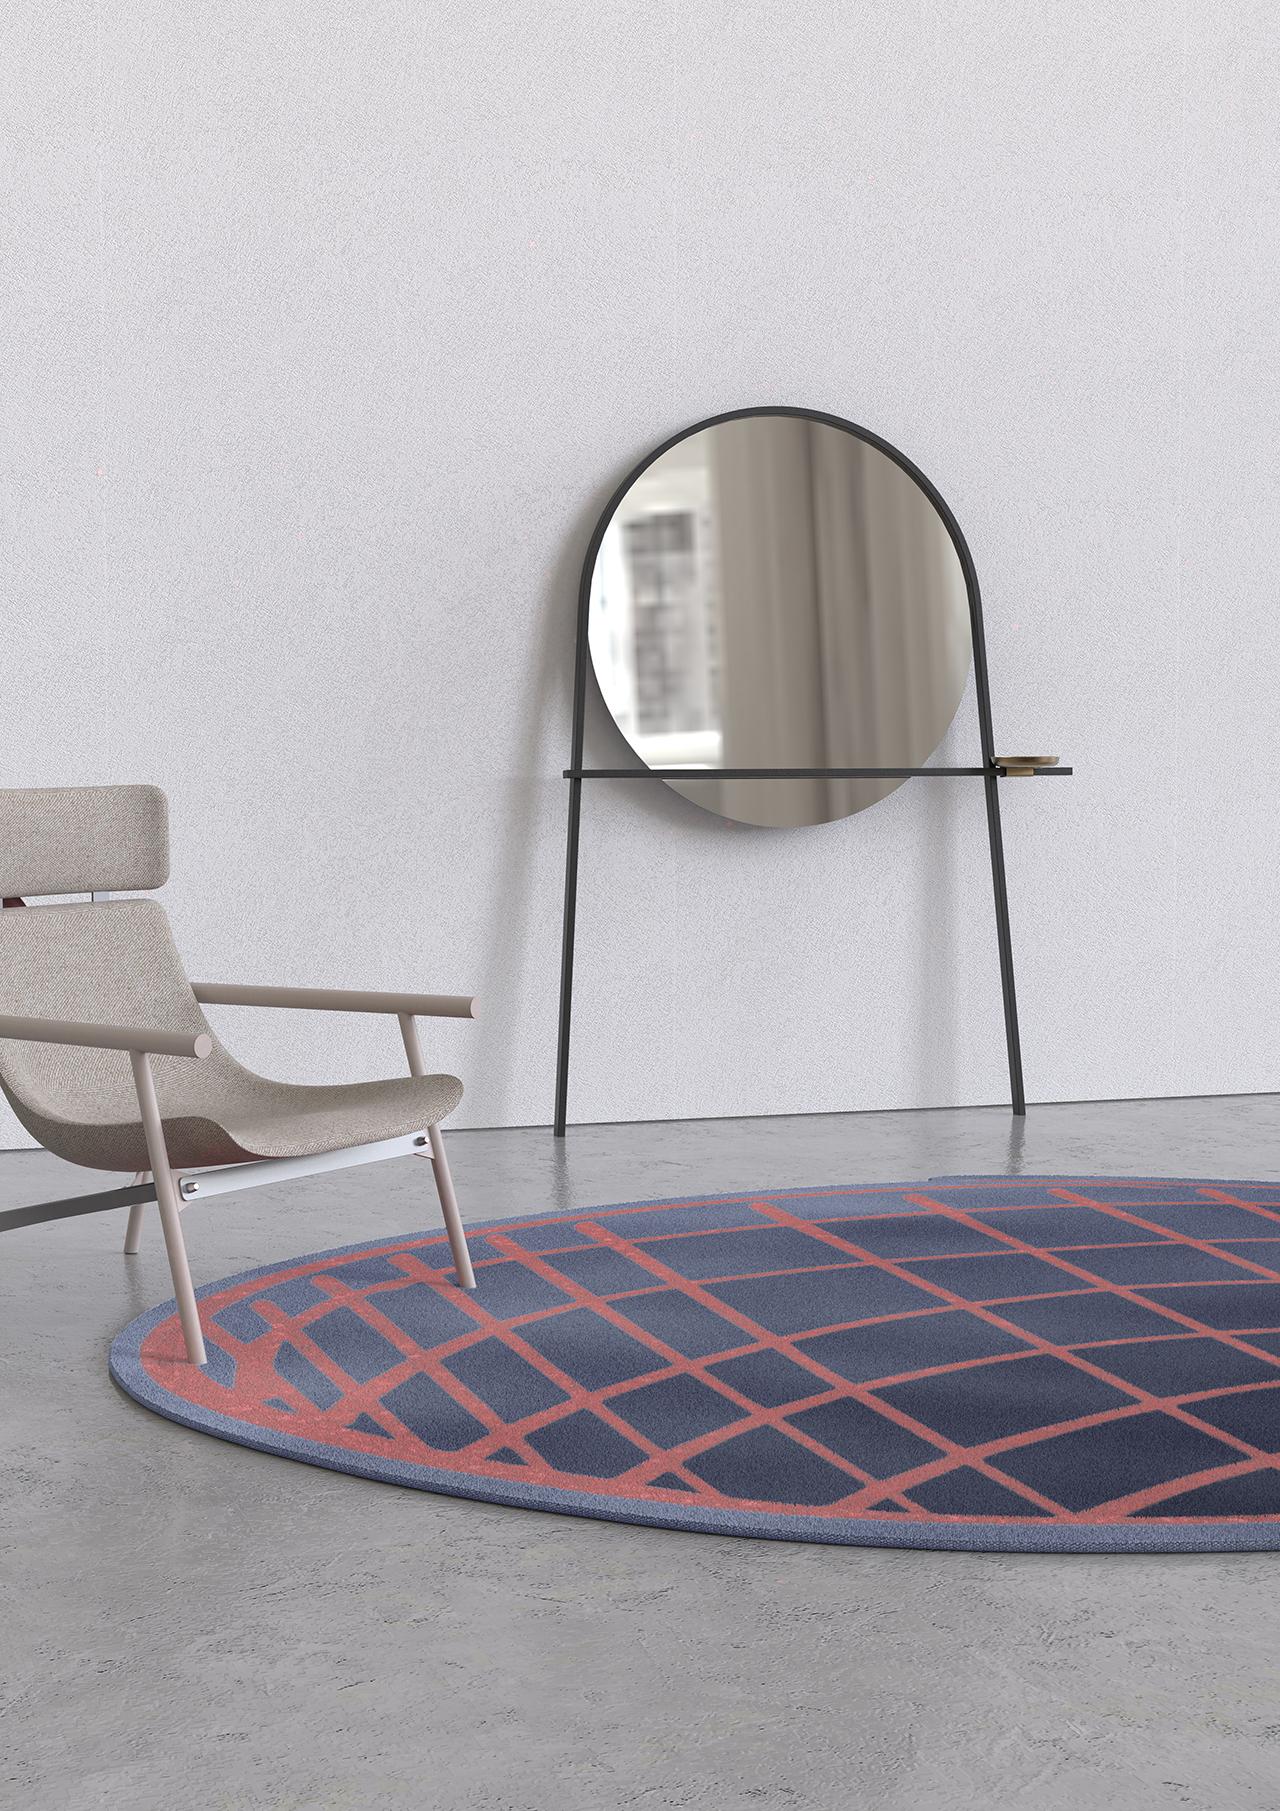 round rug, mirror, chair